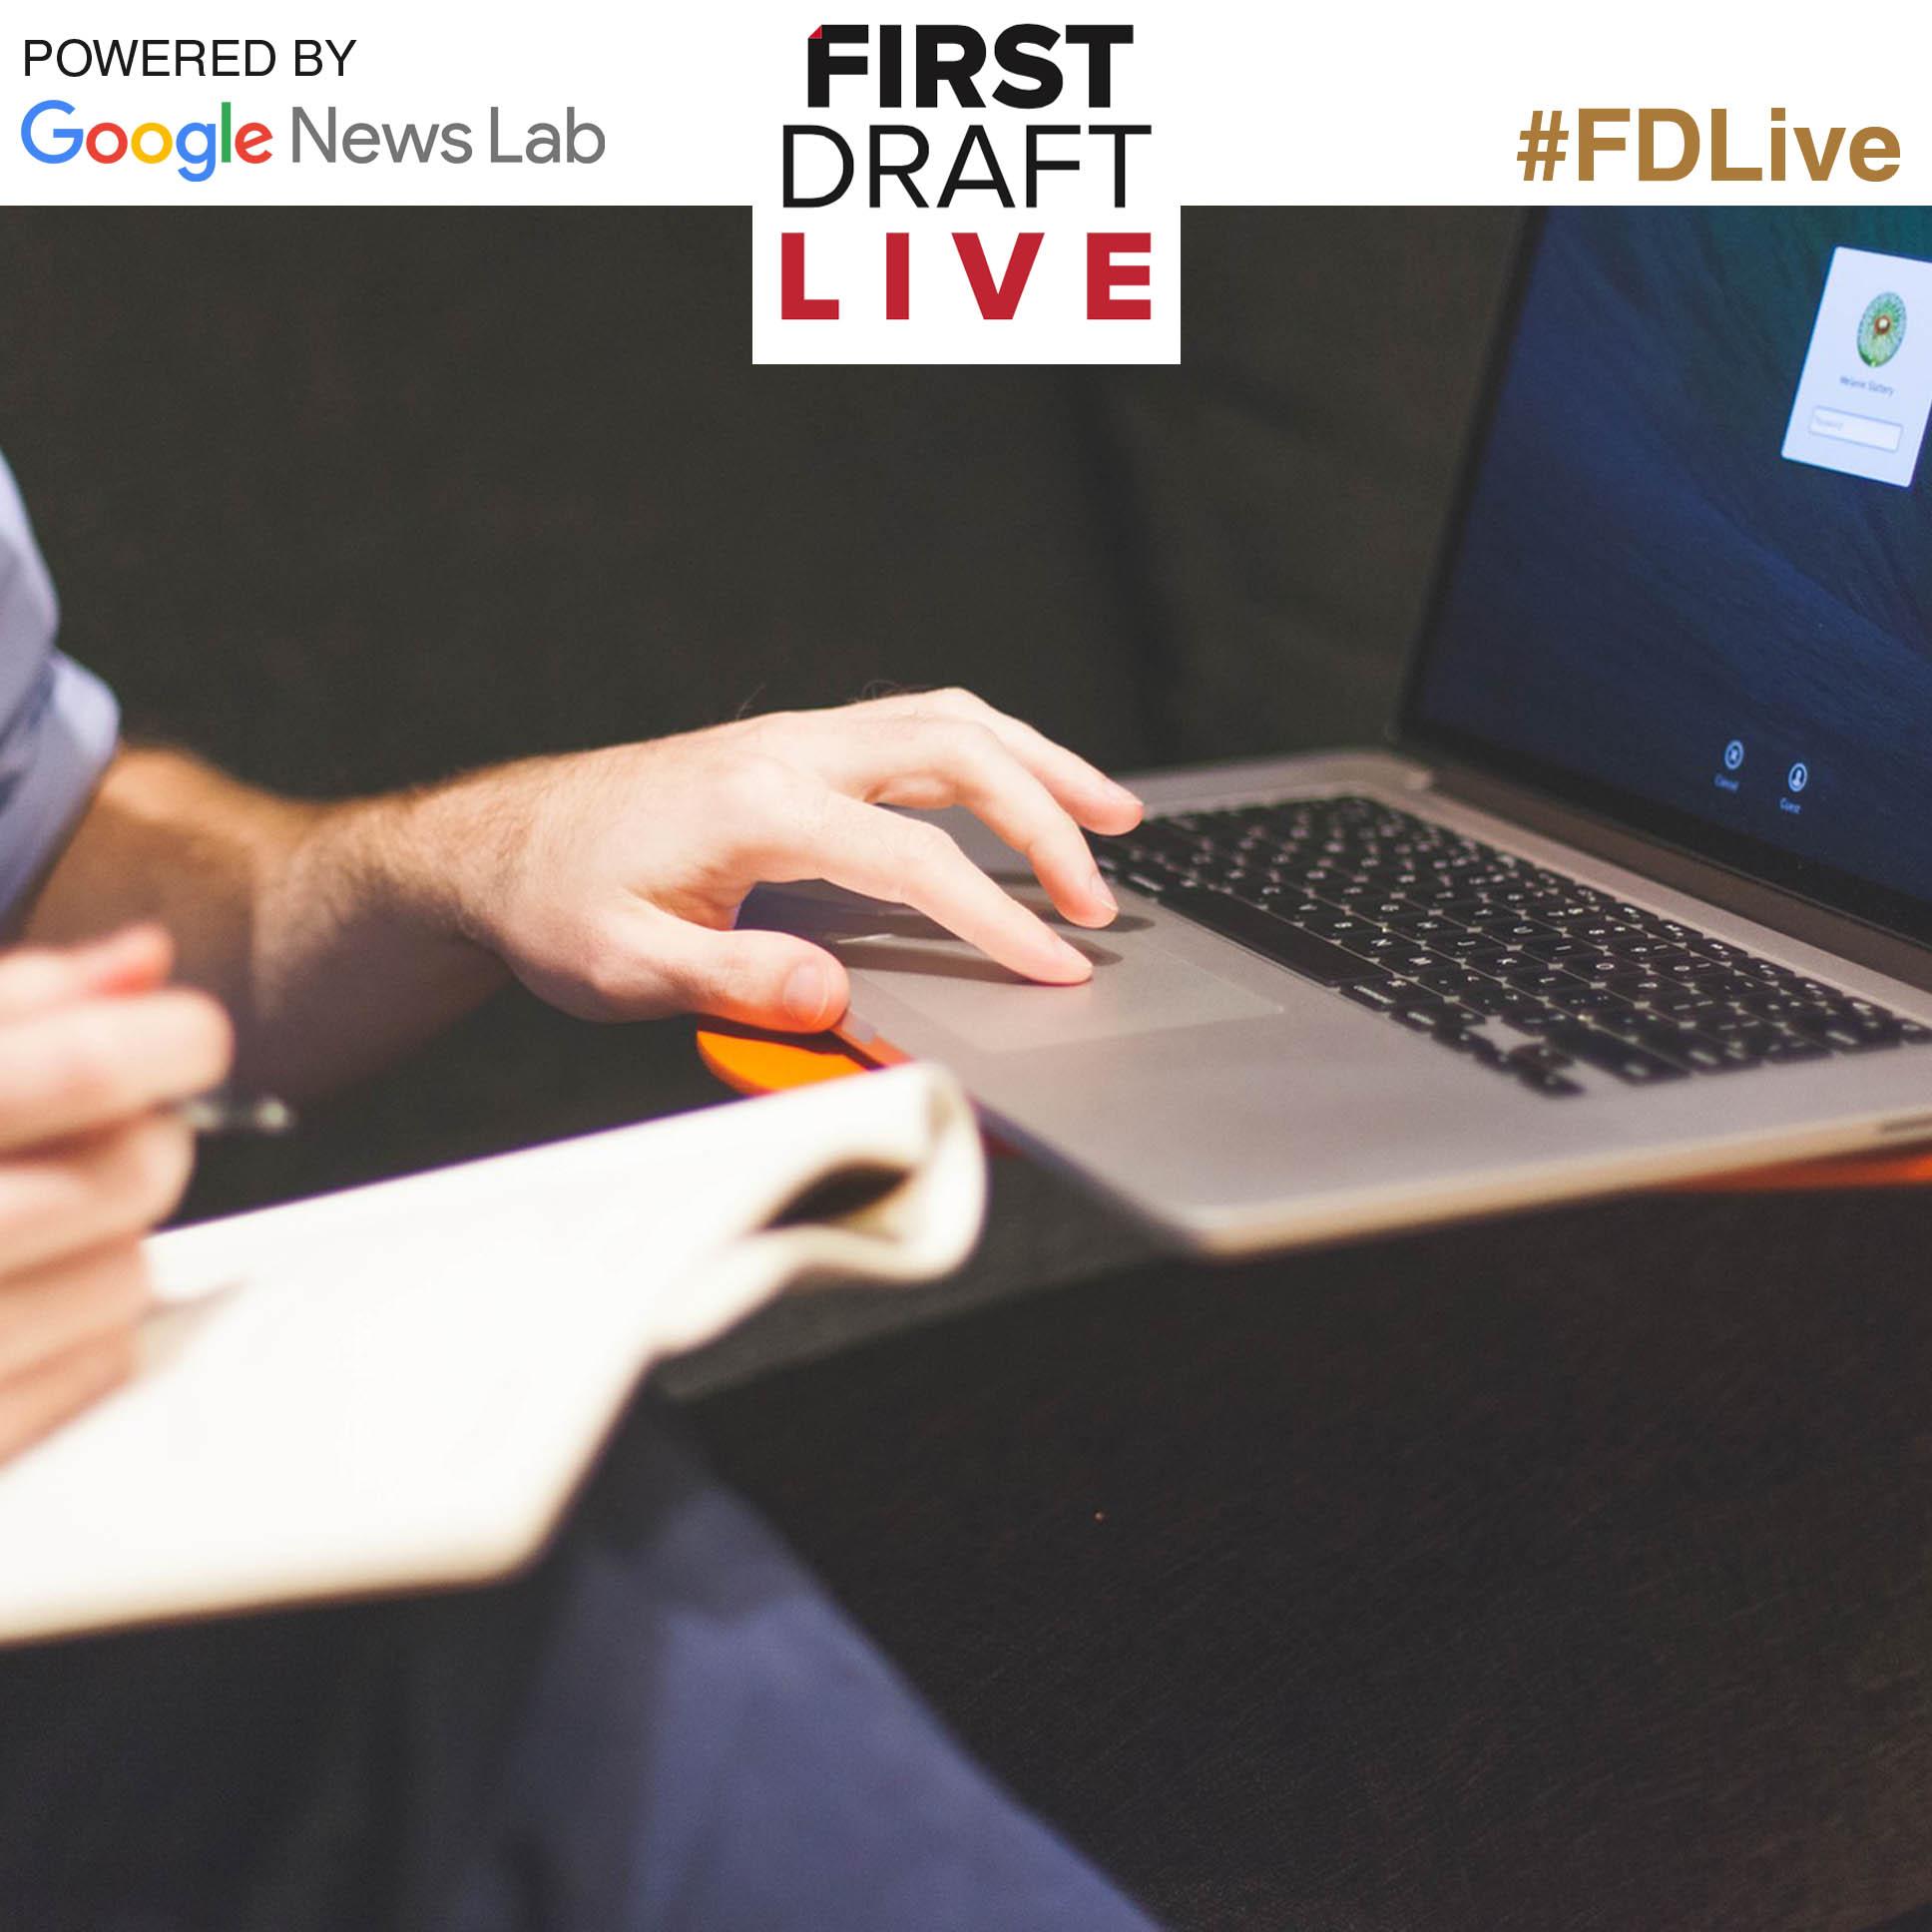 https://firstdraftnews.com/wp-content/uploads/2016/05/FDlive-general-cover_3.jpg